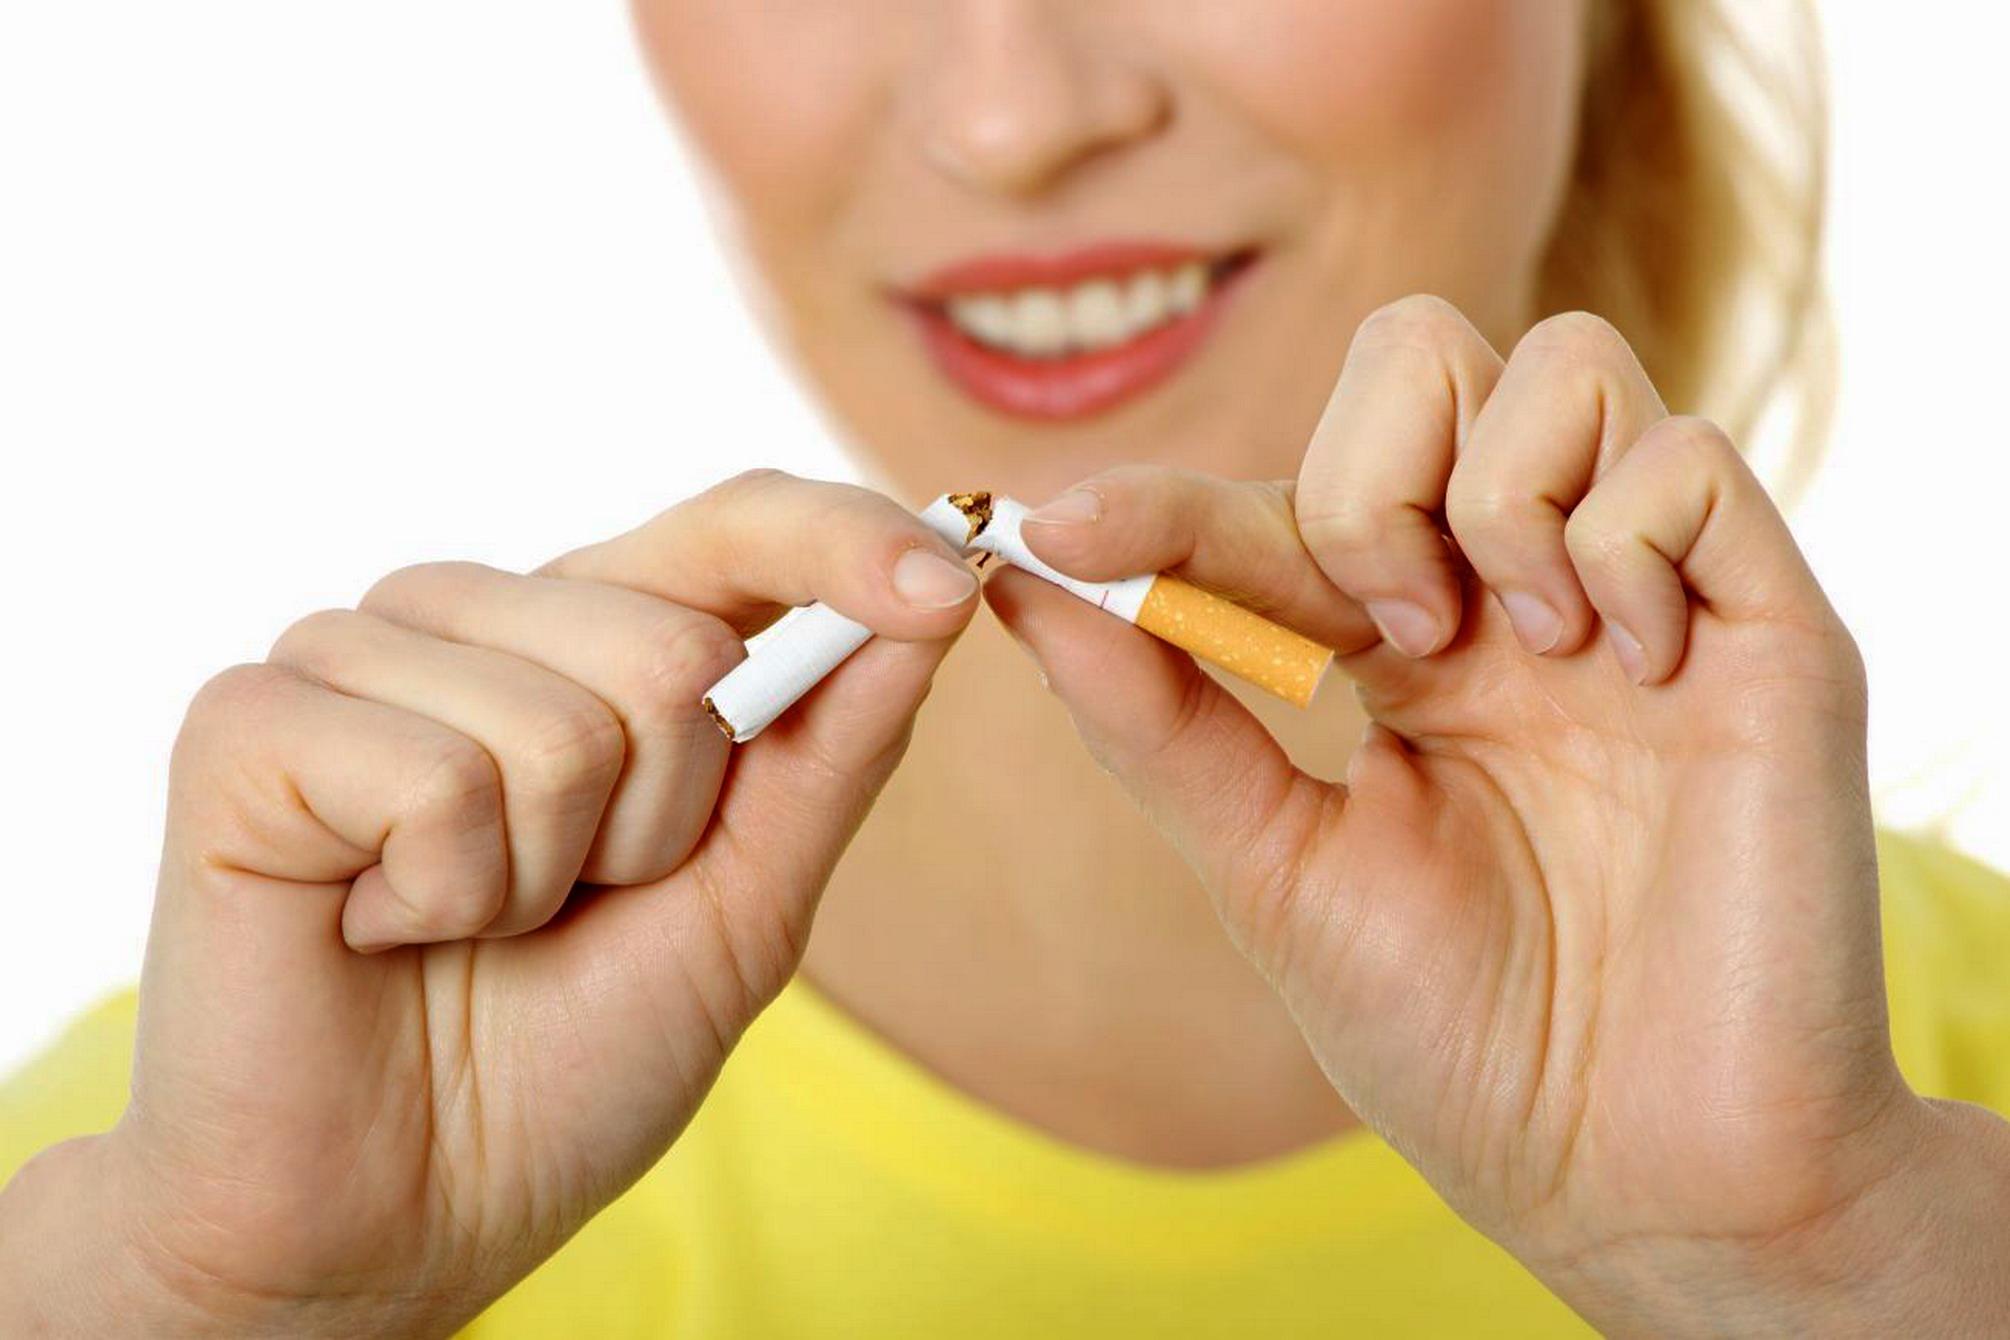 La targa da fumare tabeks il prezzo in Ucraina